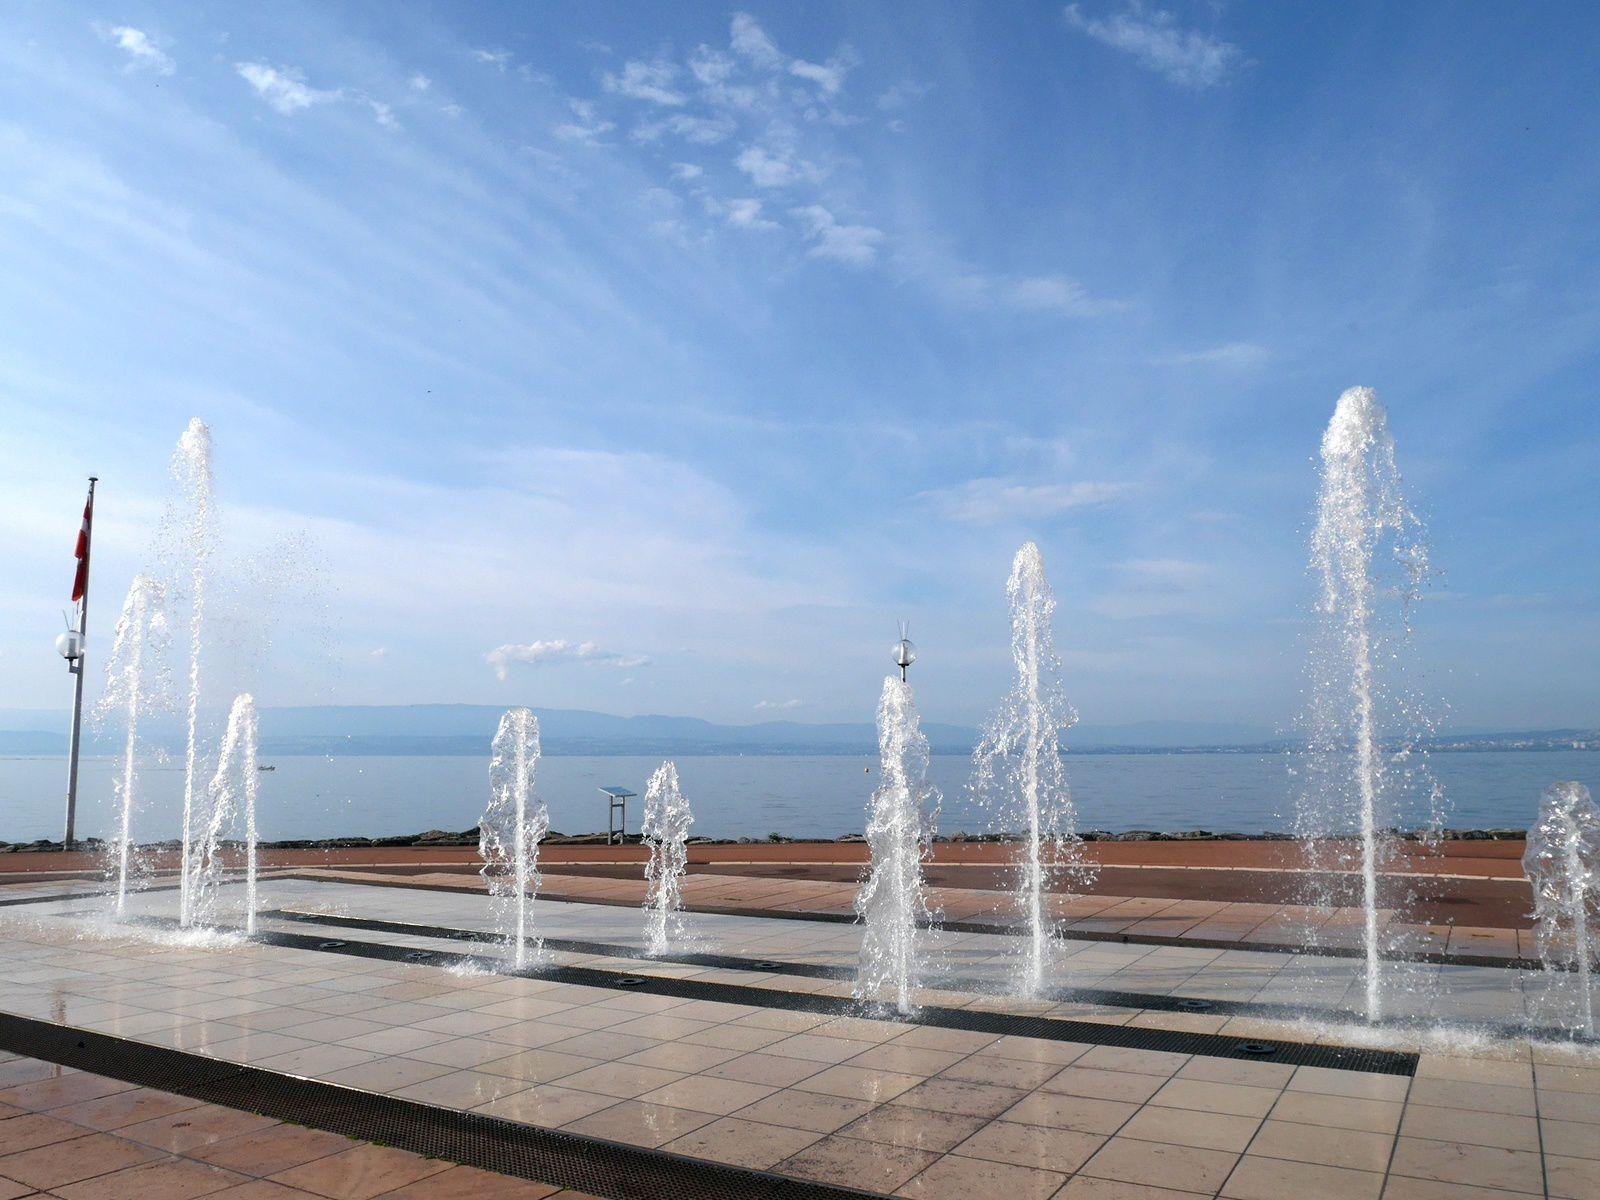 Les jets d'eau d'Evian.